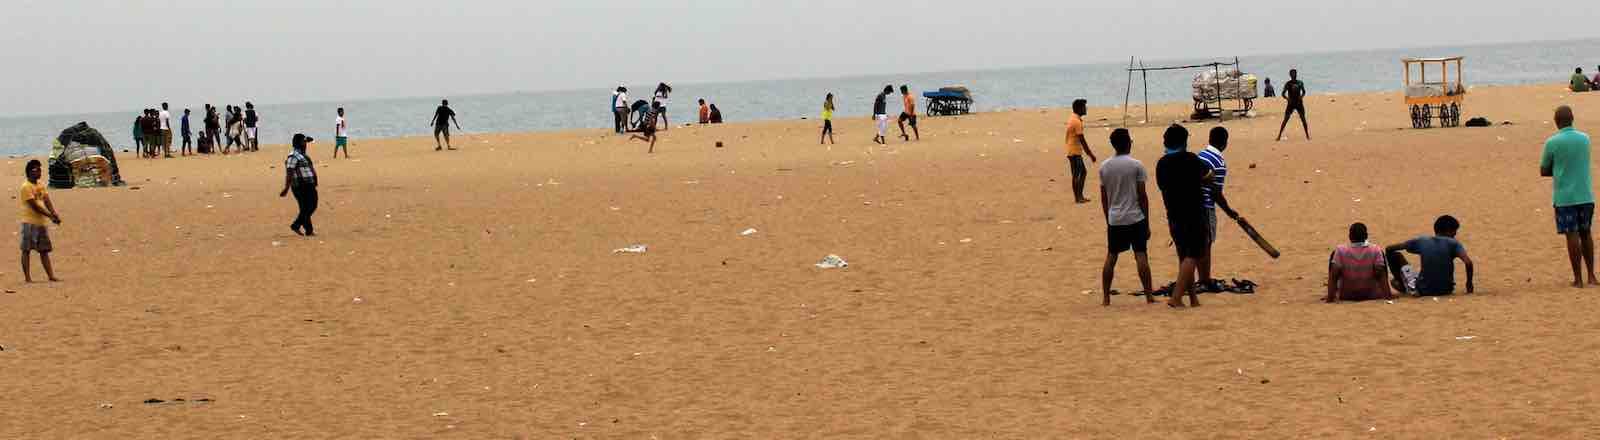 Beach cricket, Chennai, India (Photo: Balaji Photography/Flickr)